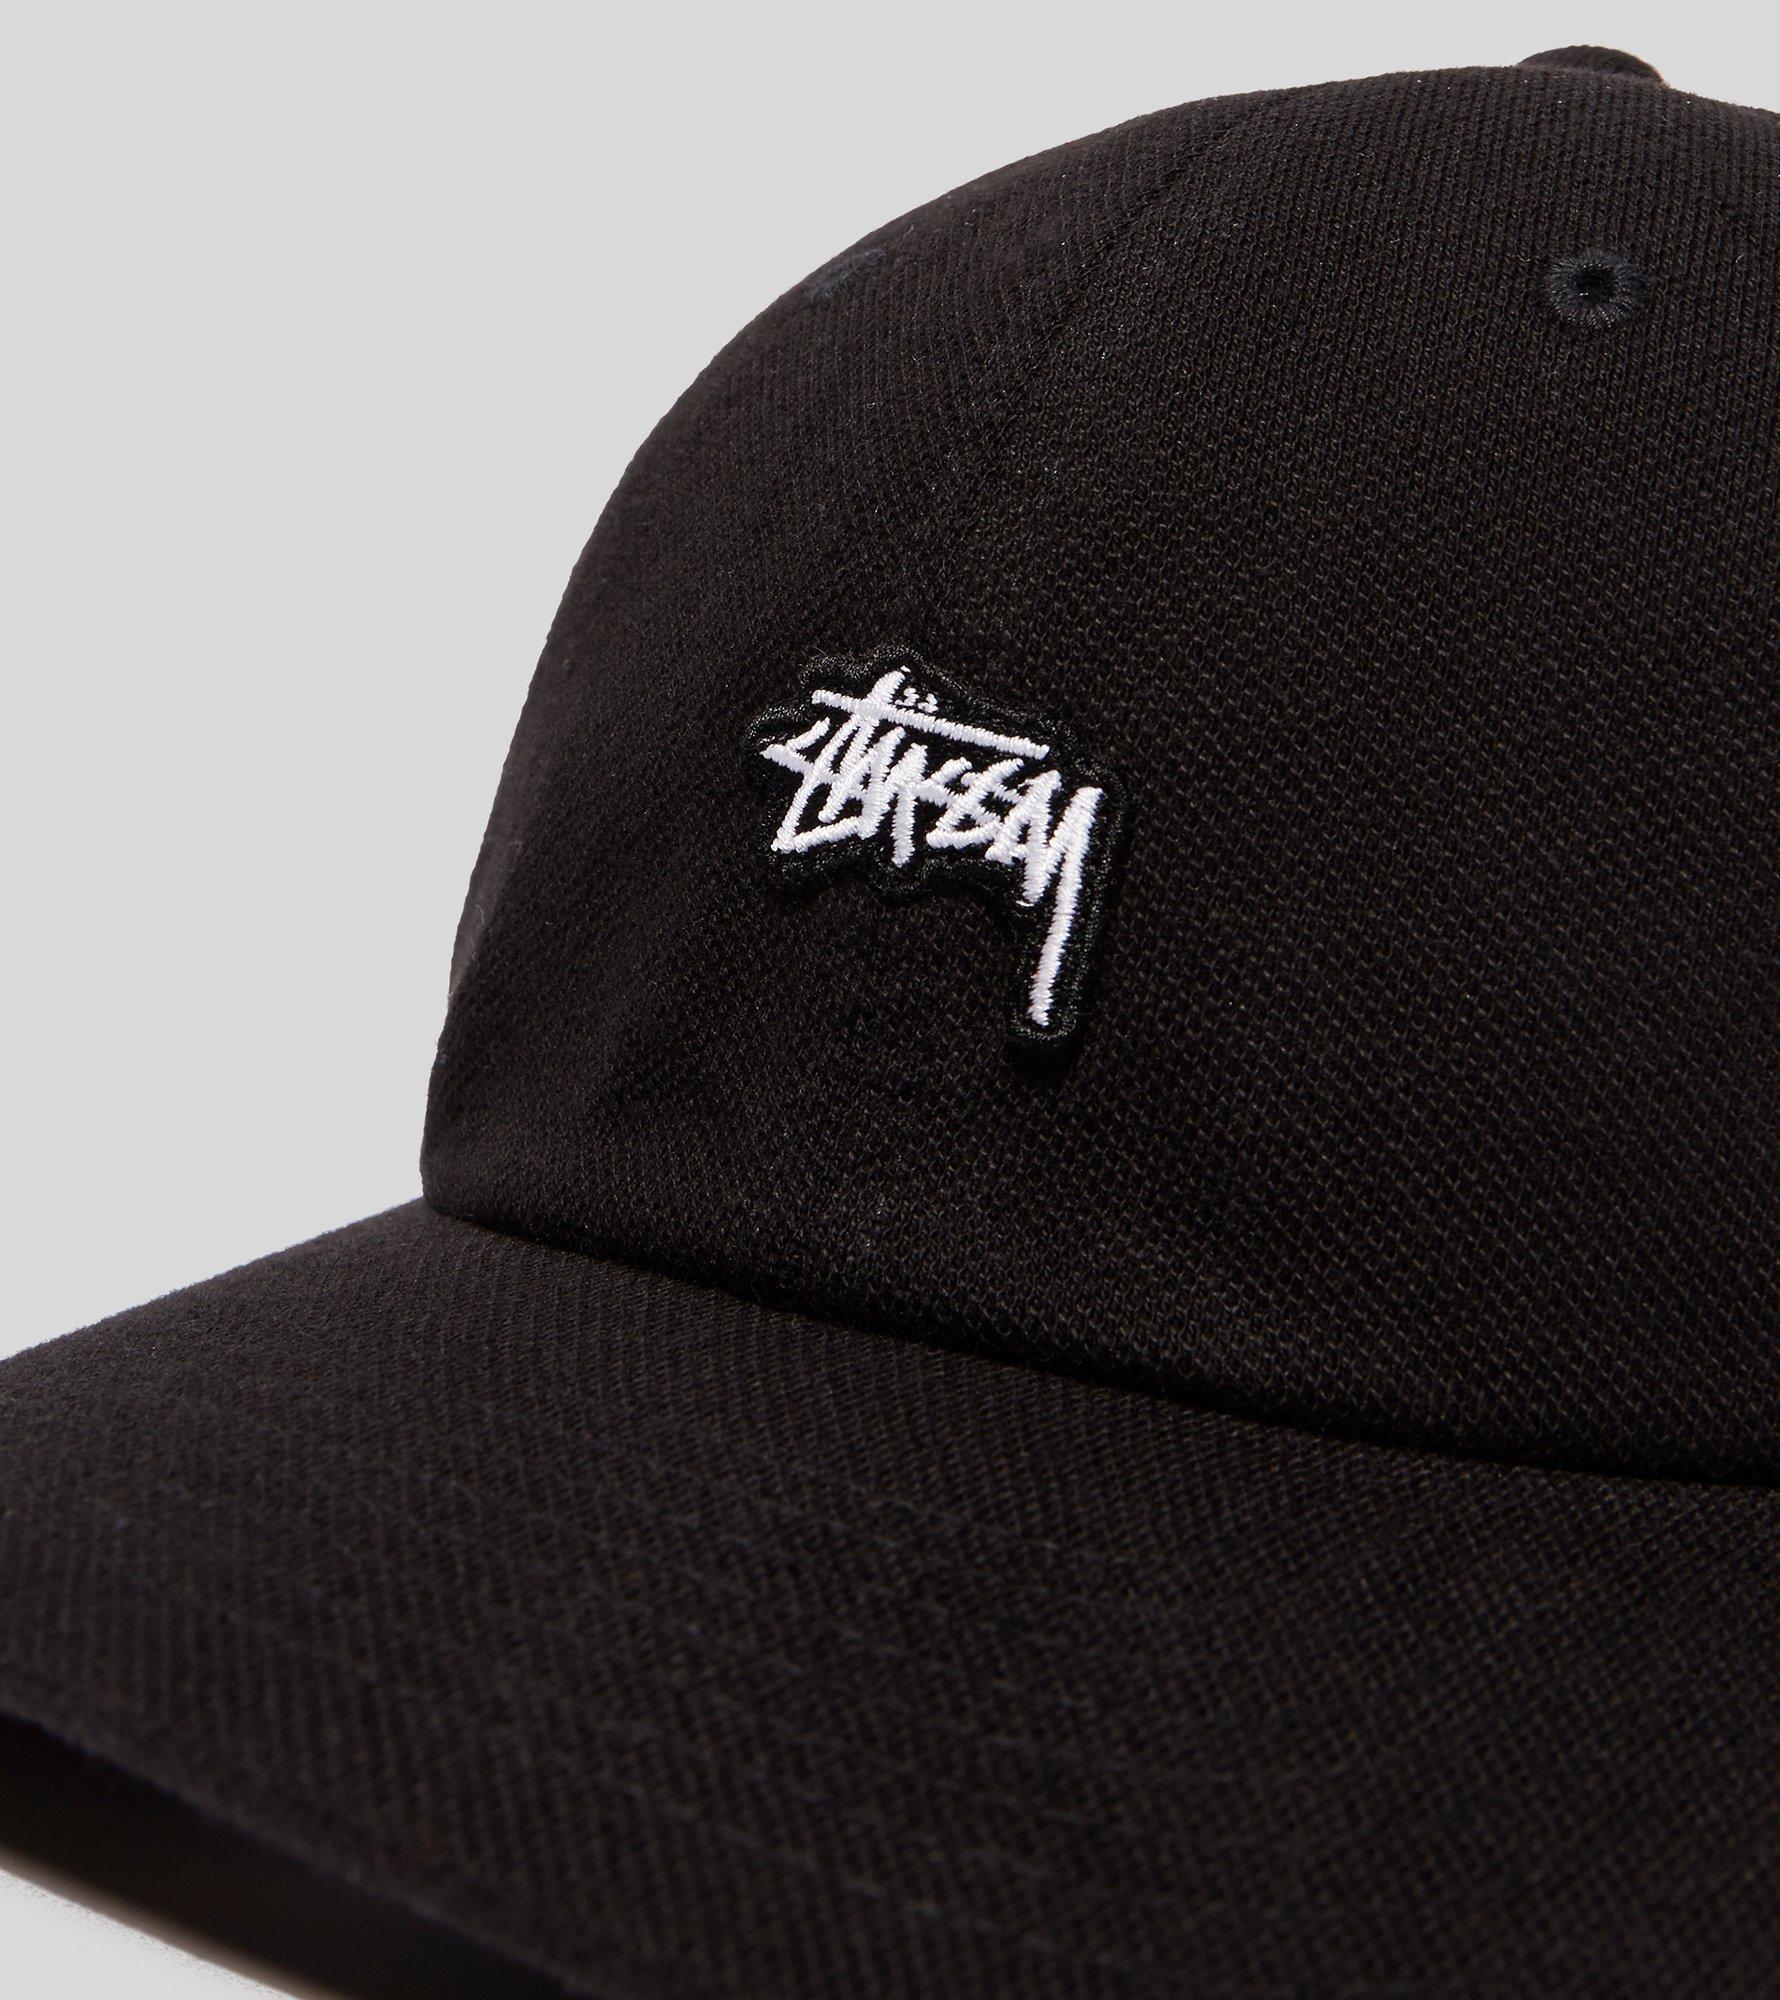 Lyst - Stussy Stock Pique Snapback Cap in Black for Men e1754cd3d58